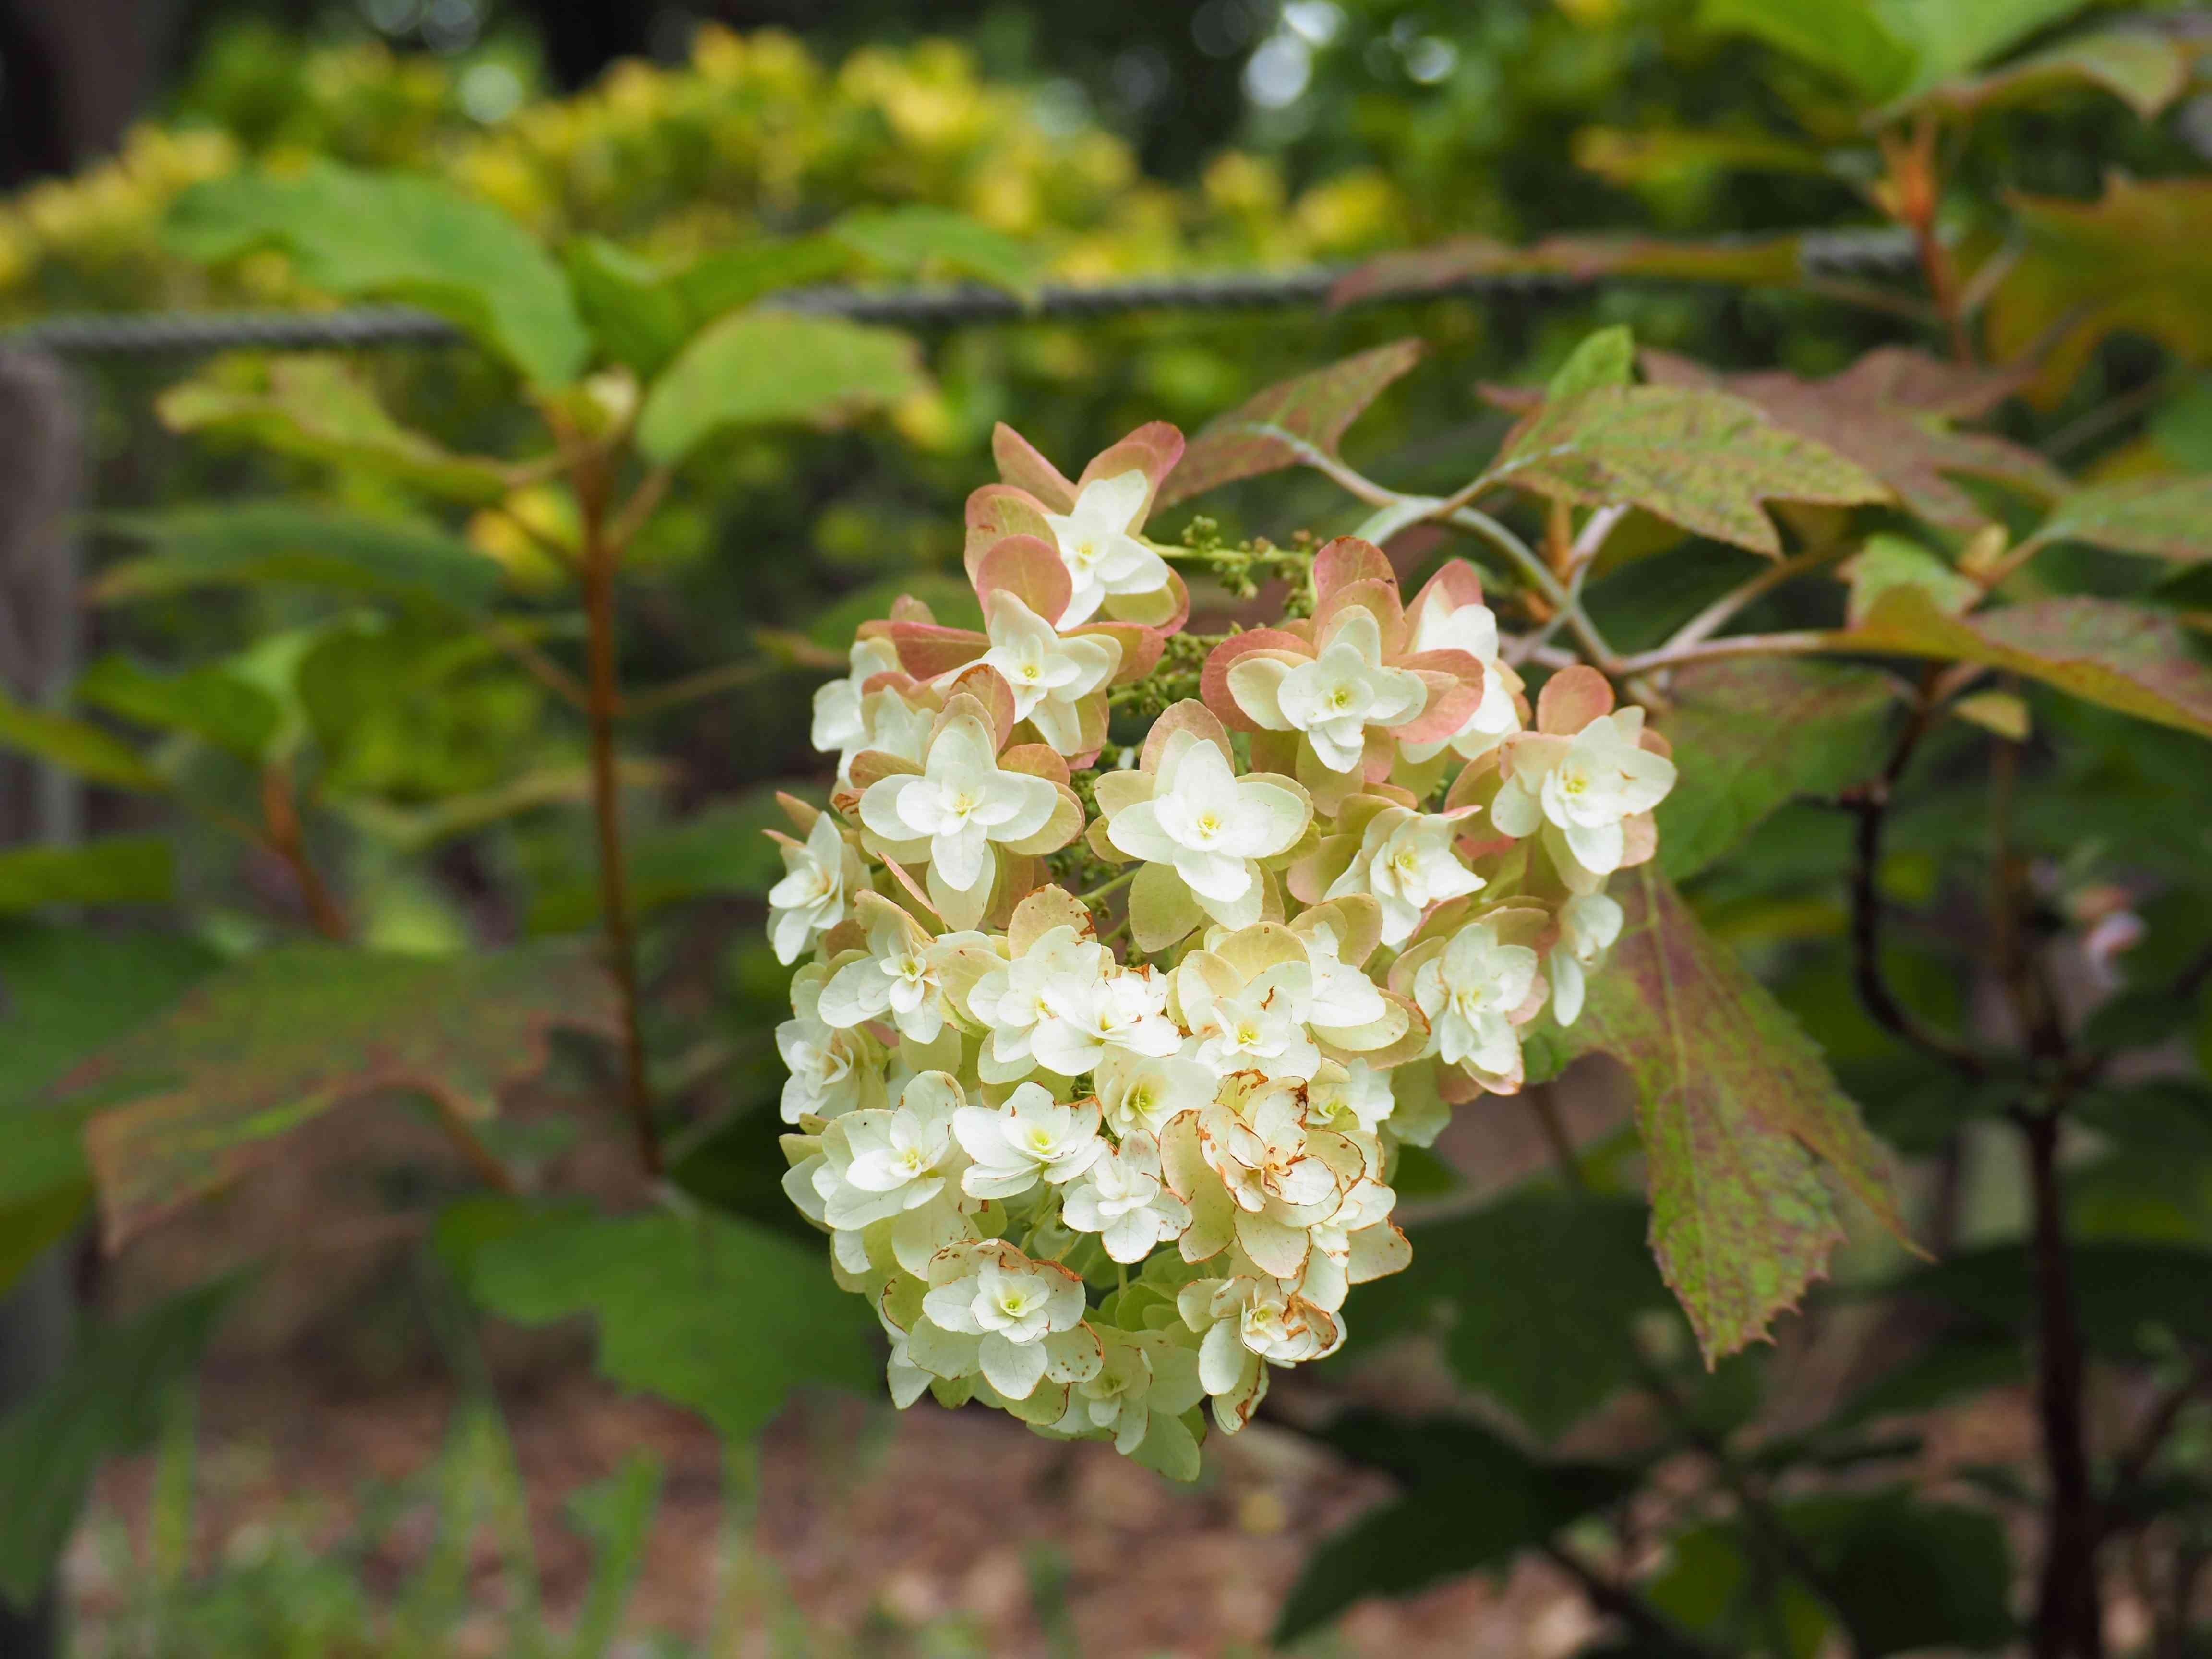 Hydrangea quercifolia (oak-leaved hydrangea) in full bloom in early summer garden